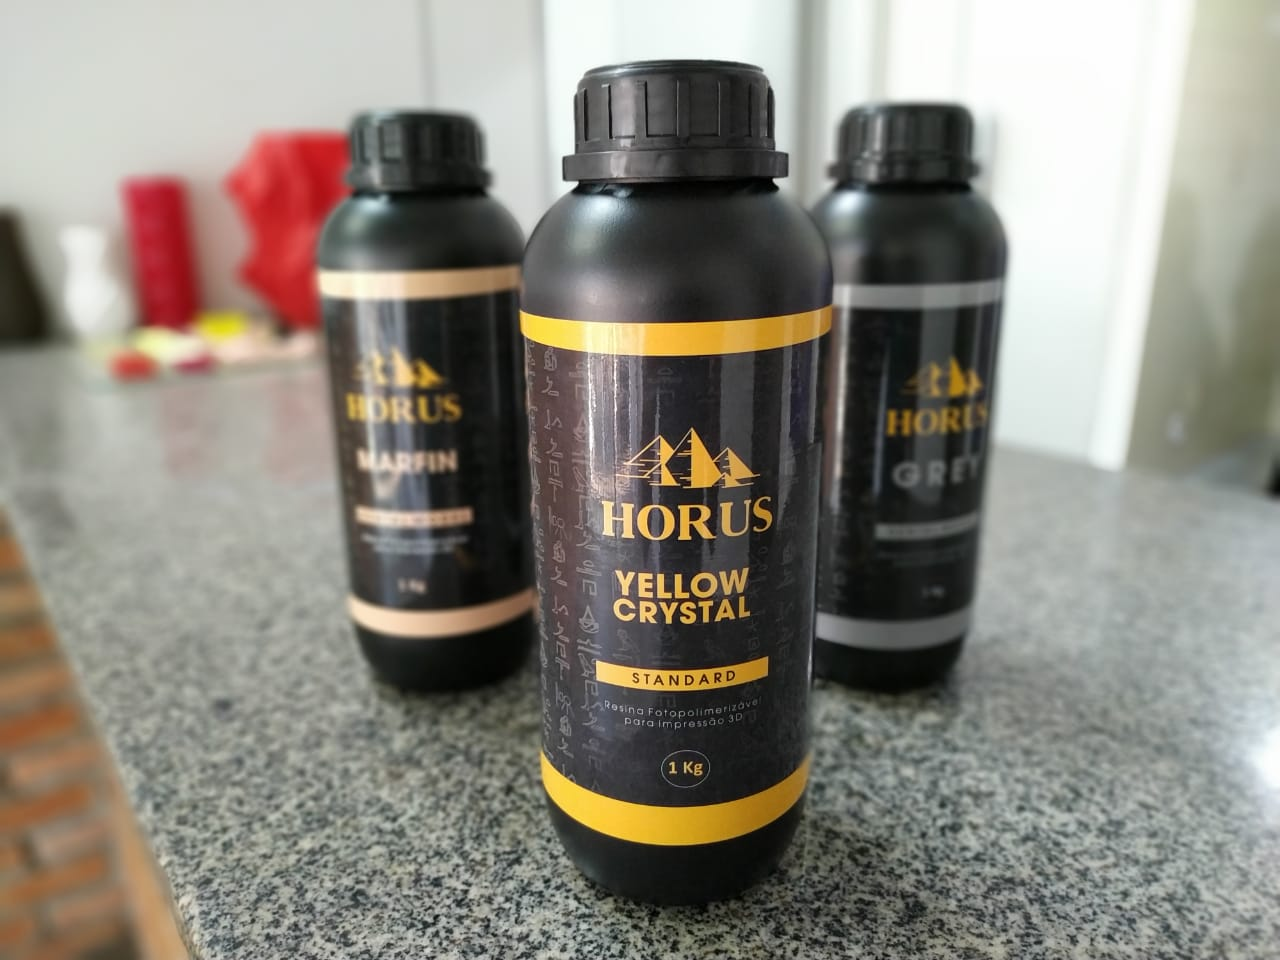 Resina Padrão para Prototipagem - Horus - Yellow Crystal Standard de 500 ml